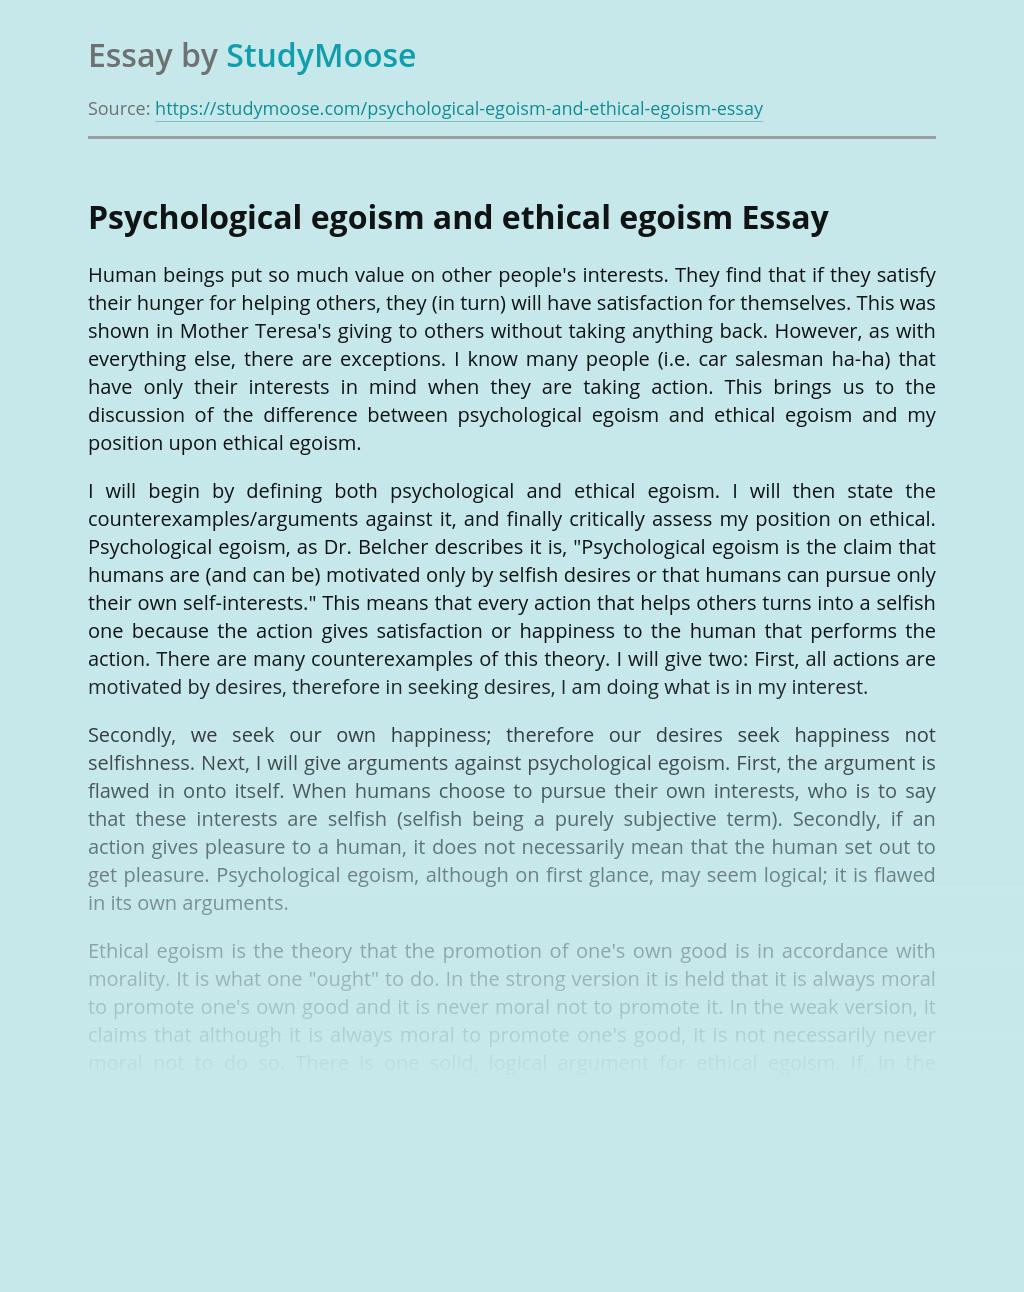 Psychological Egoism and Ethical Egoism